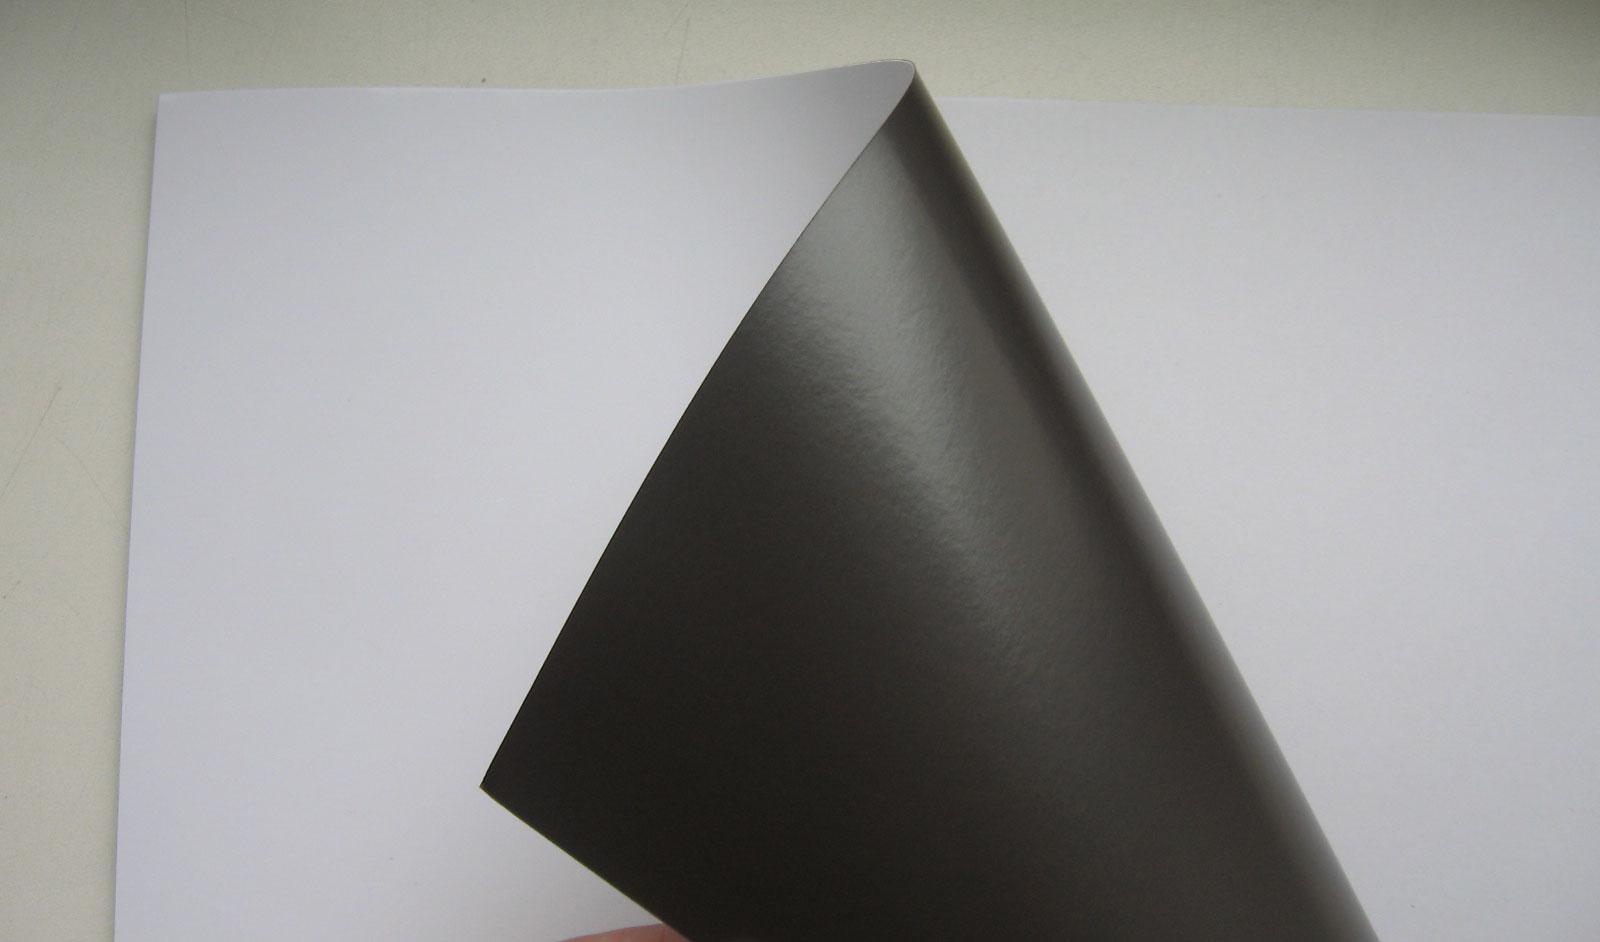 Магнитная фотобумага для струйных принтеров теперь в продаже в Минске